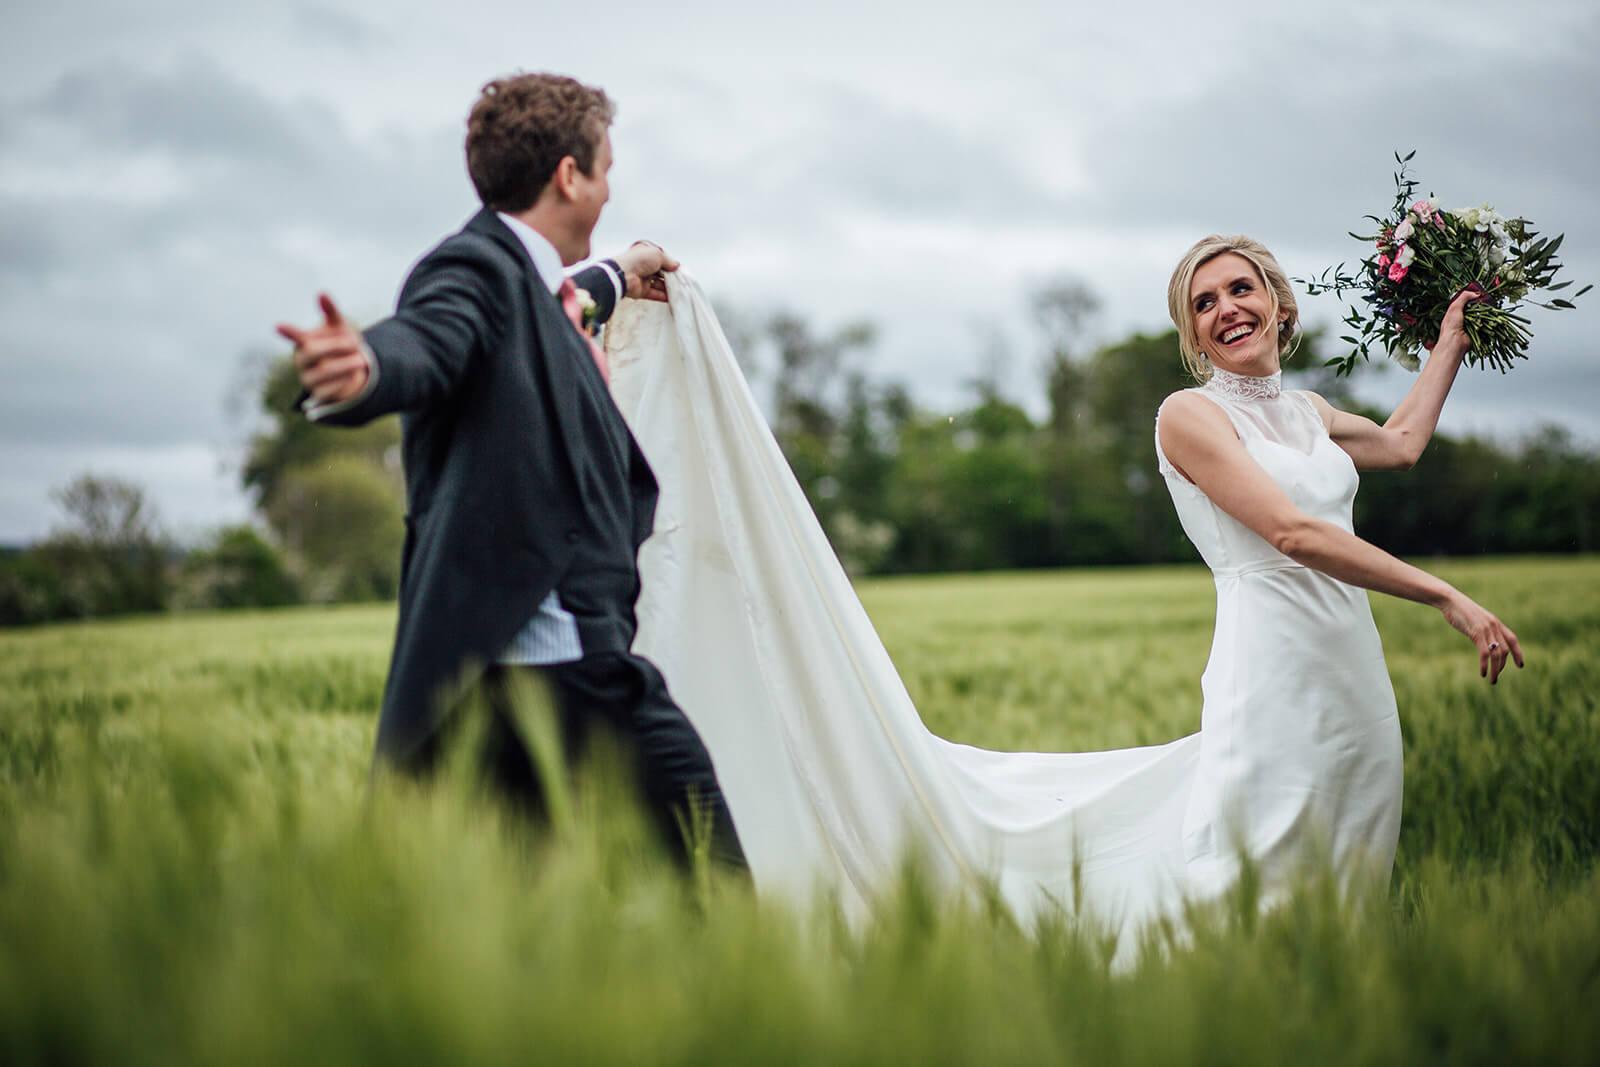 Johnnie & Fiona 41 | Bristol Wedding Photographer